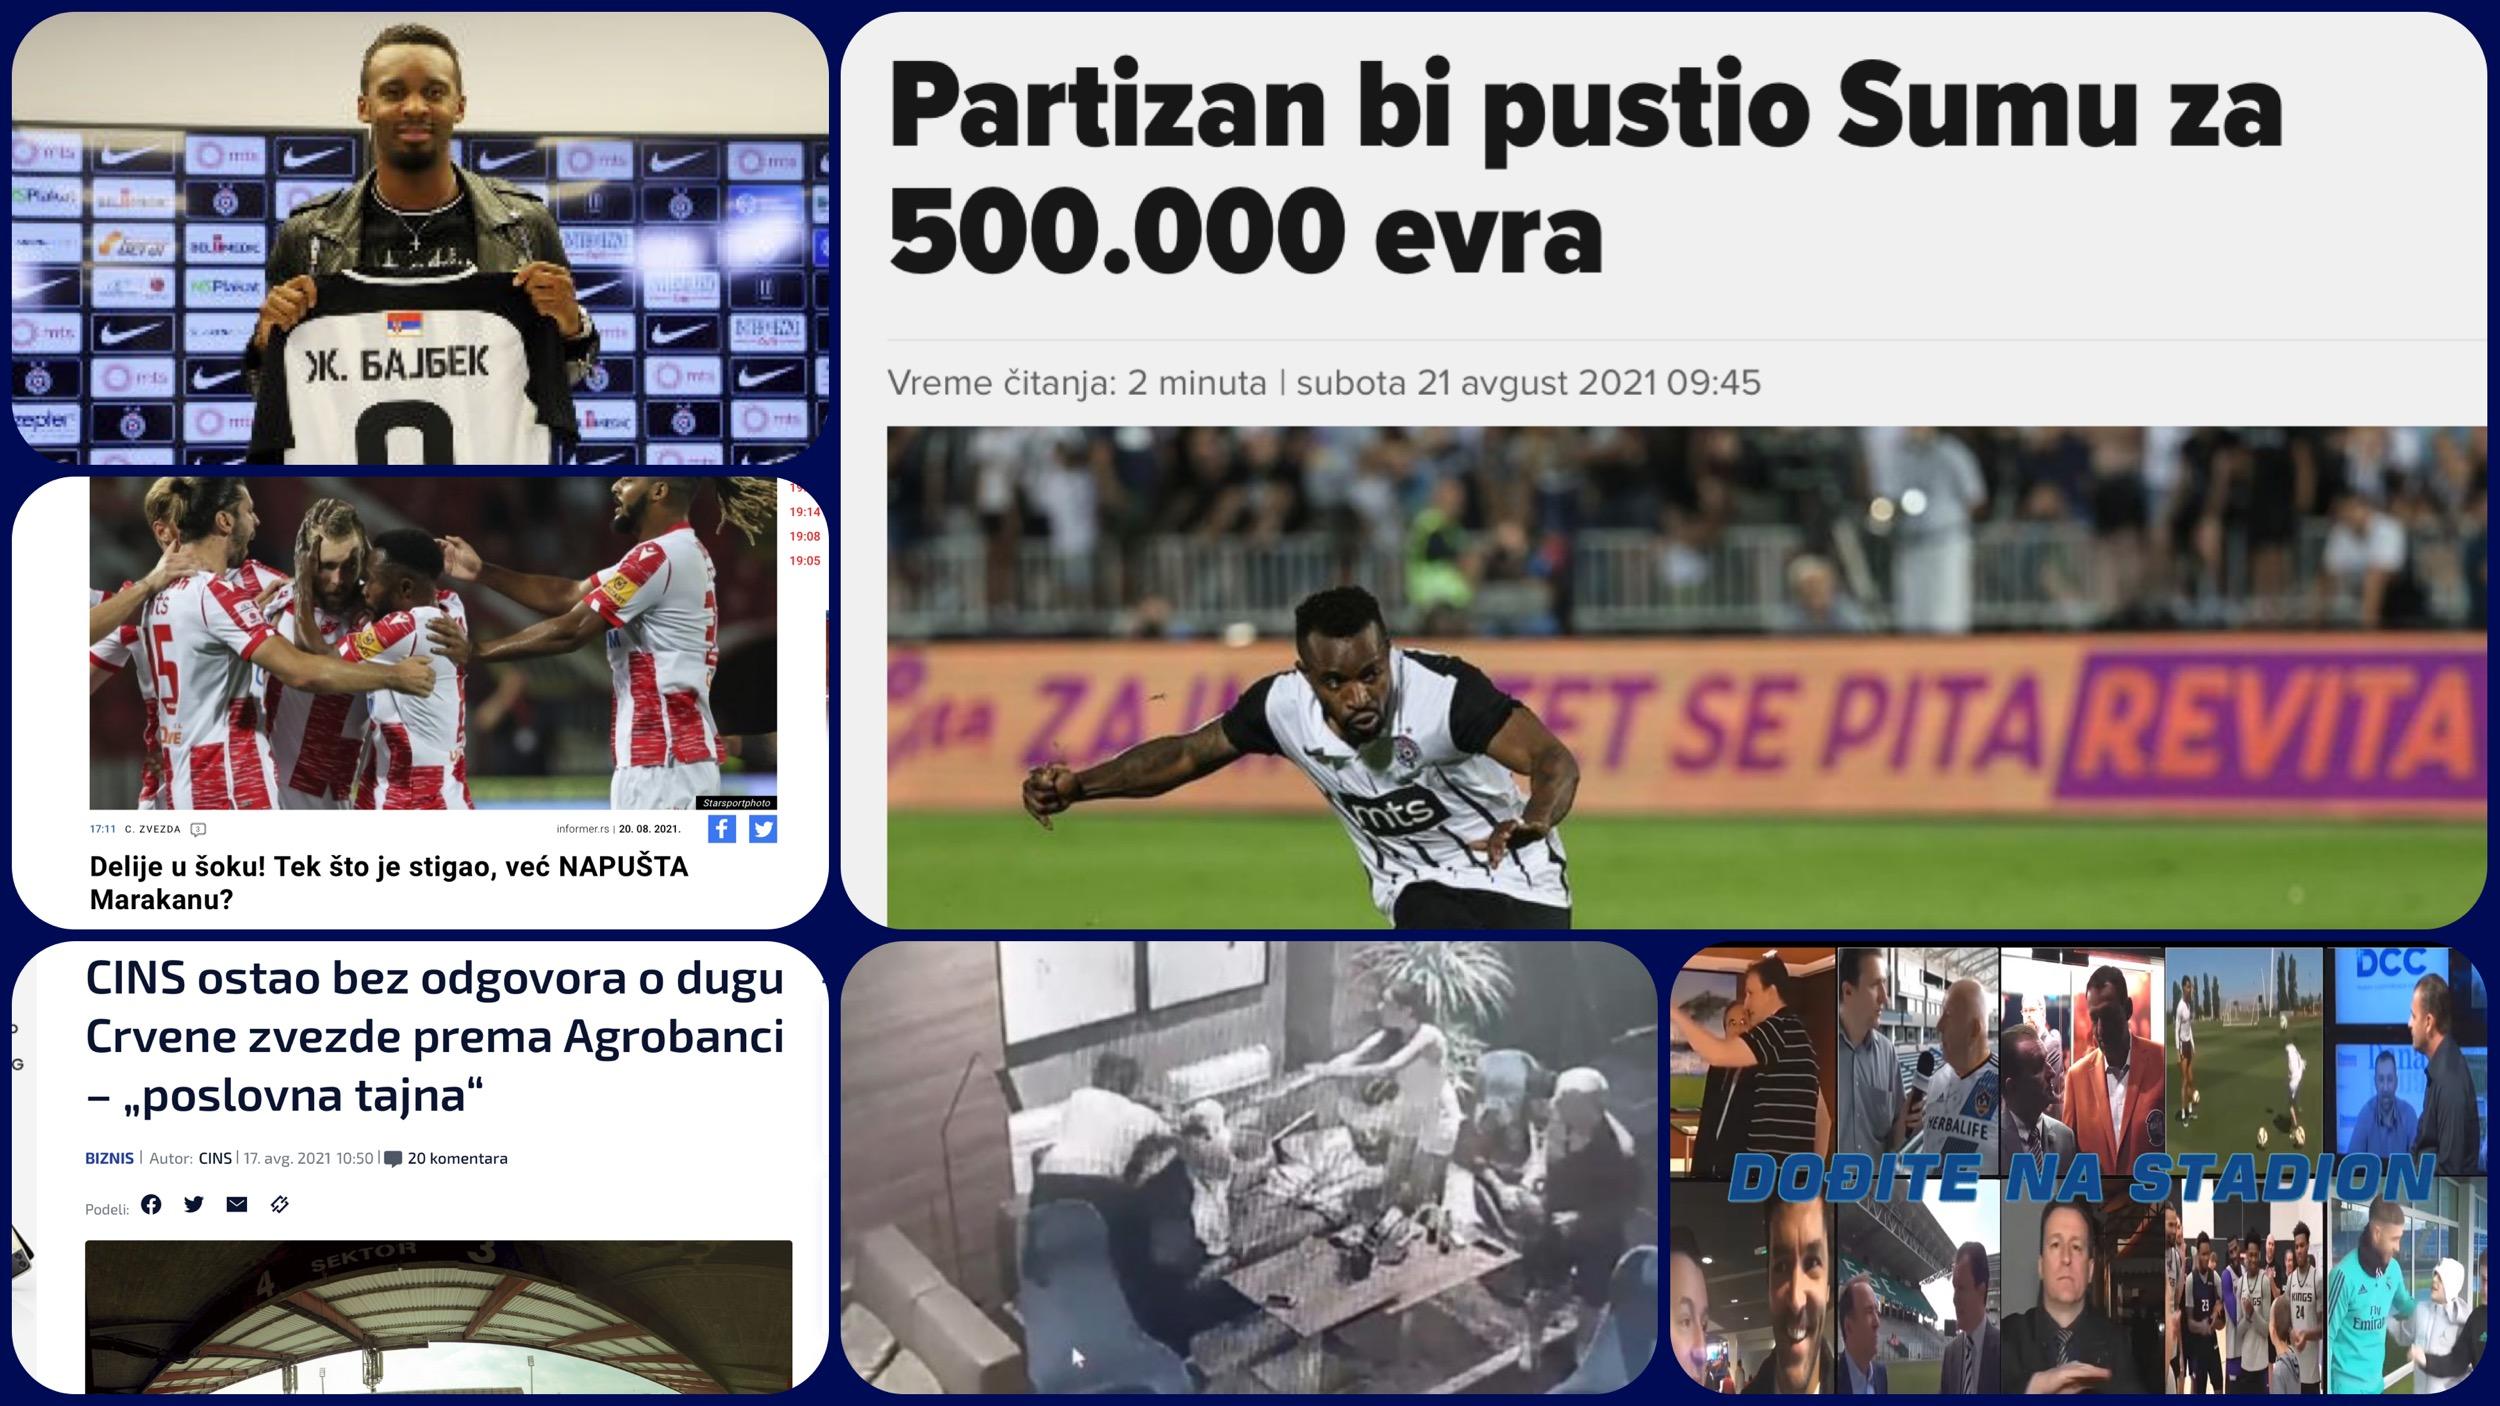 Željko Pantić: Dođite na stadion 451. Guranje Sume u Crvenu zvezdu i Srbija kao bure baruta… (VIDEO)